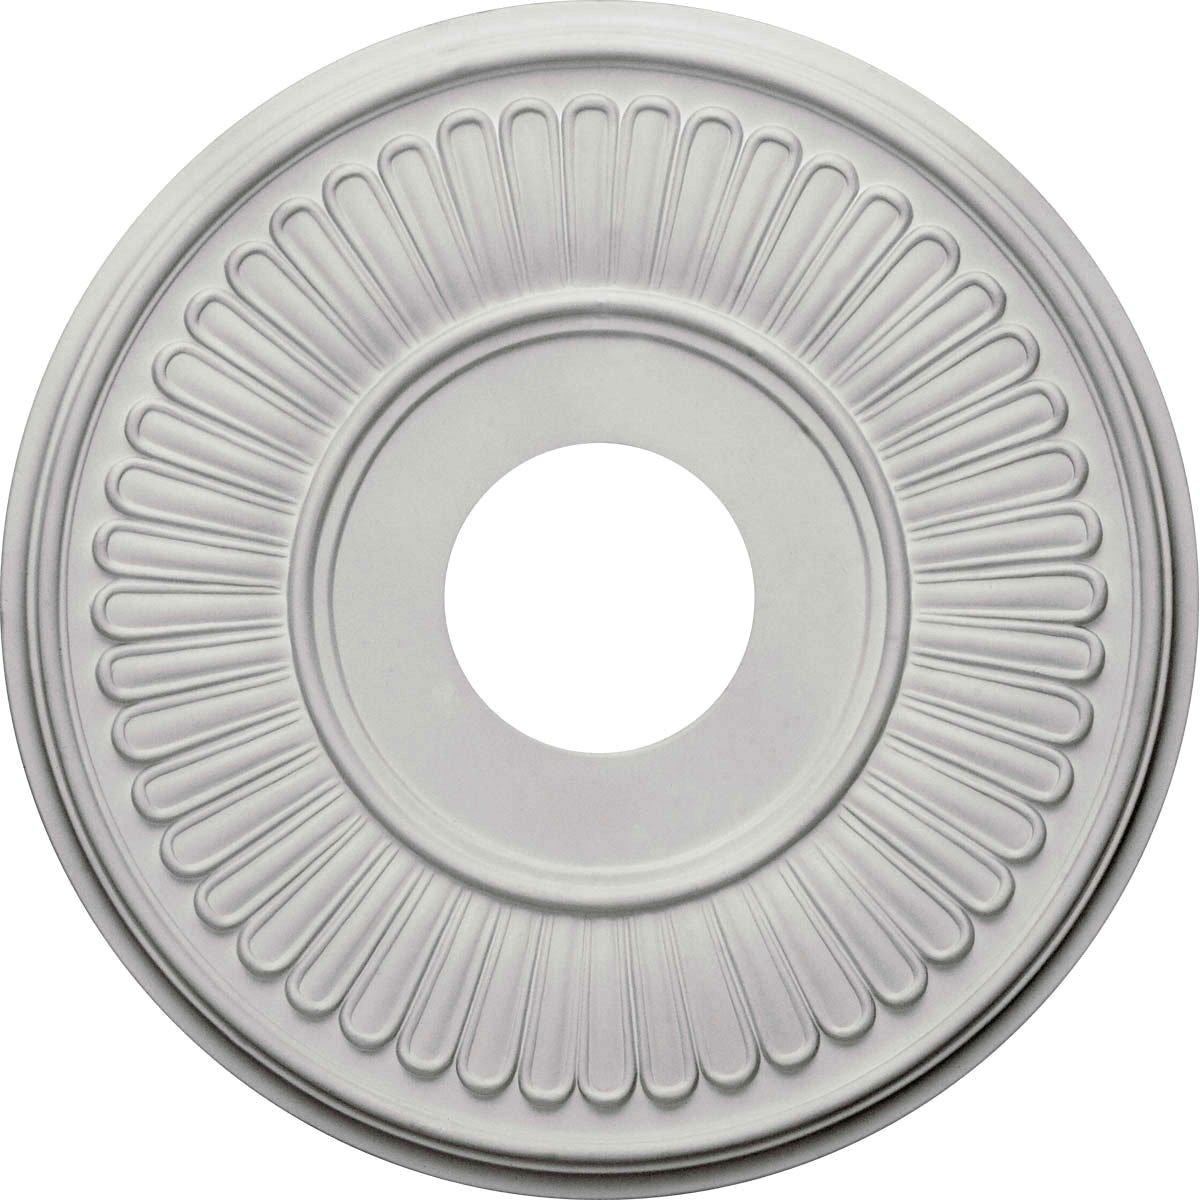 Ekena Millwork CM15BE 15 3/4-Inch OD x 3 7/8-Inch ID x 3/4-Inch Berkshire Ceiling Medallion